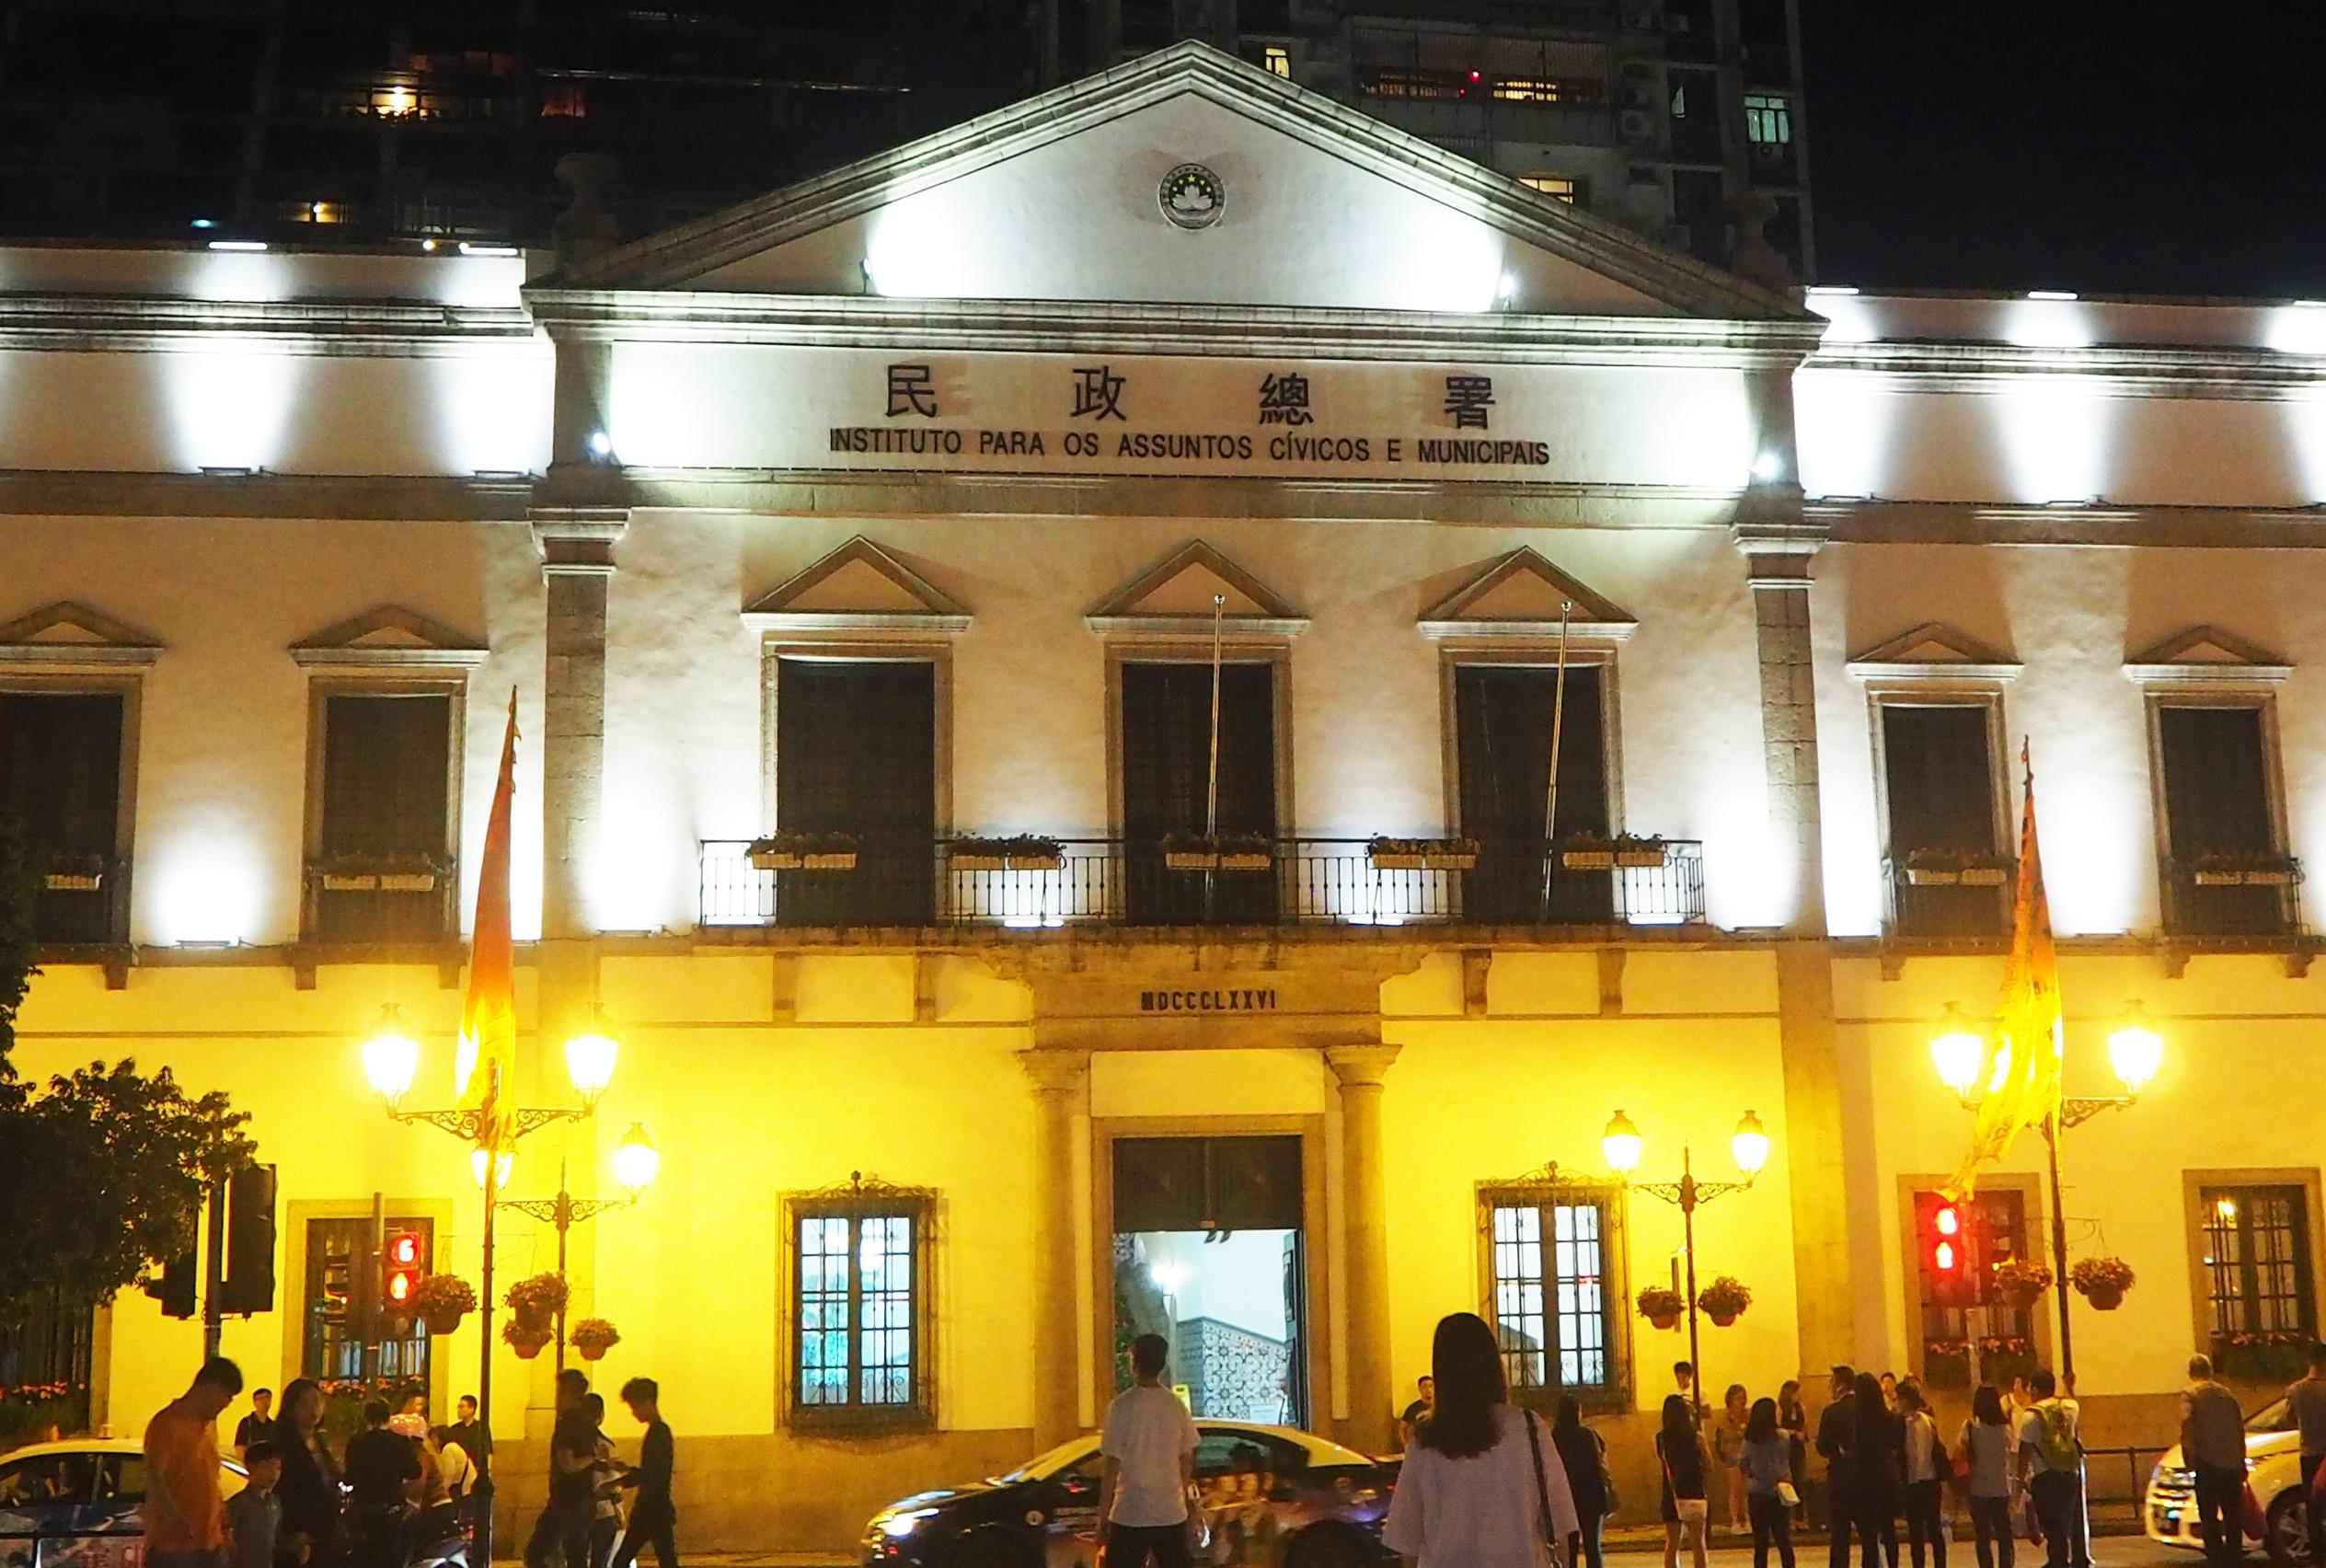 澳门民政总署大楼